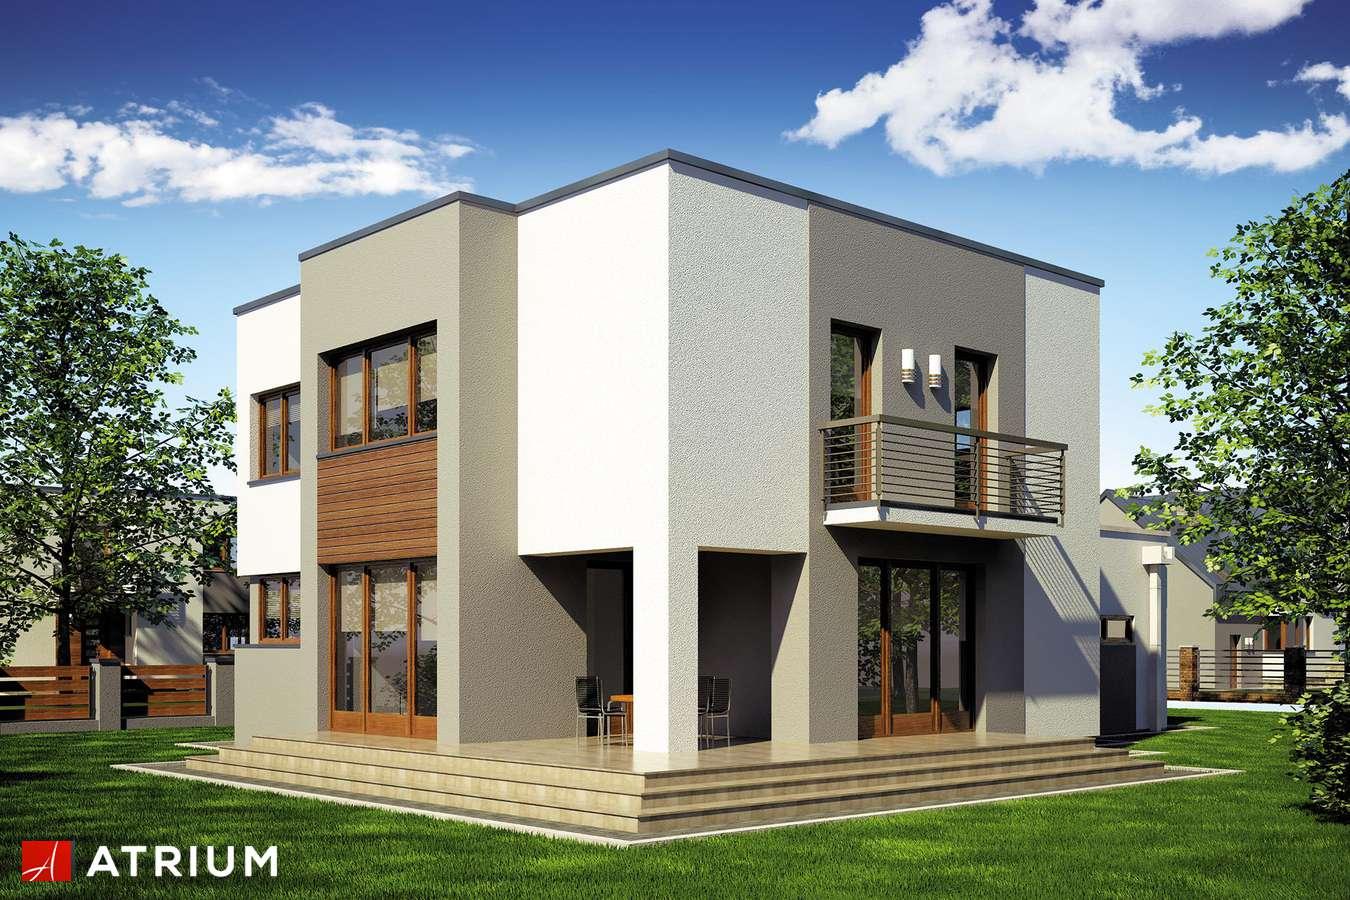 Projekty domów - Projekt domu piętrowego BETA - wizualizacja 2 - wersja lustrzana